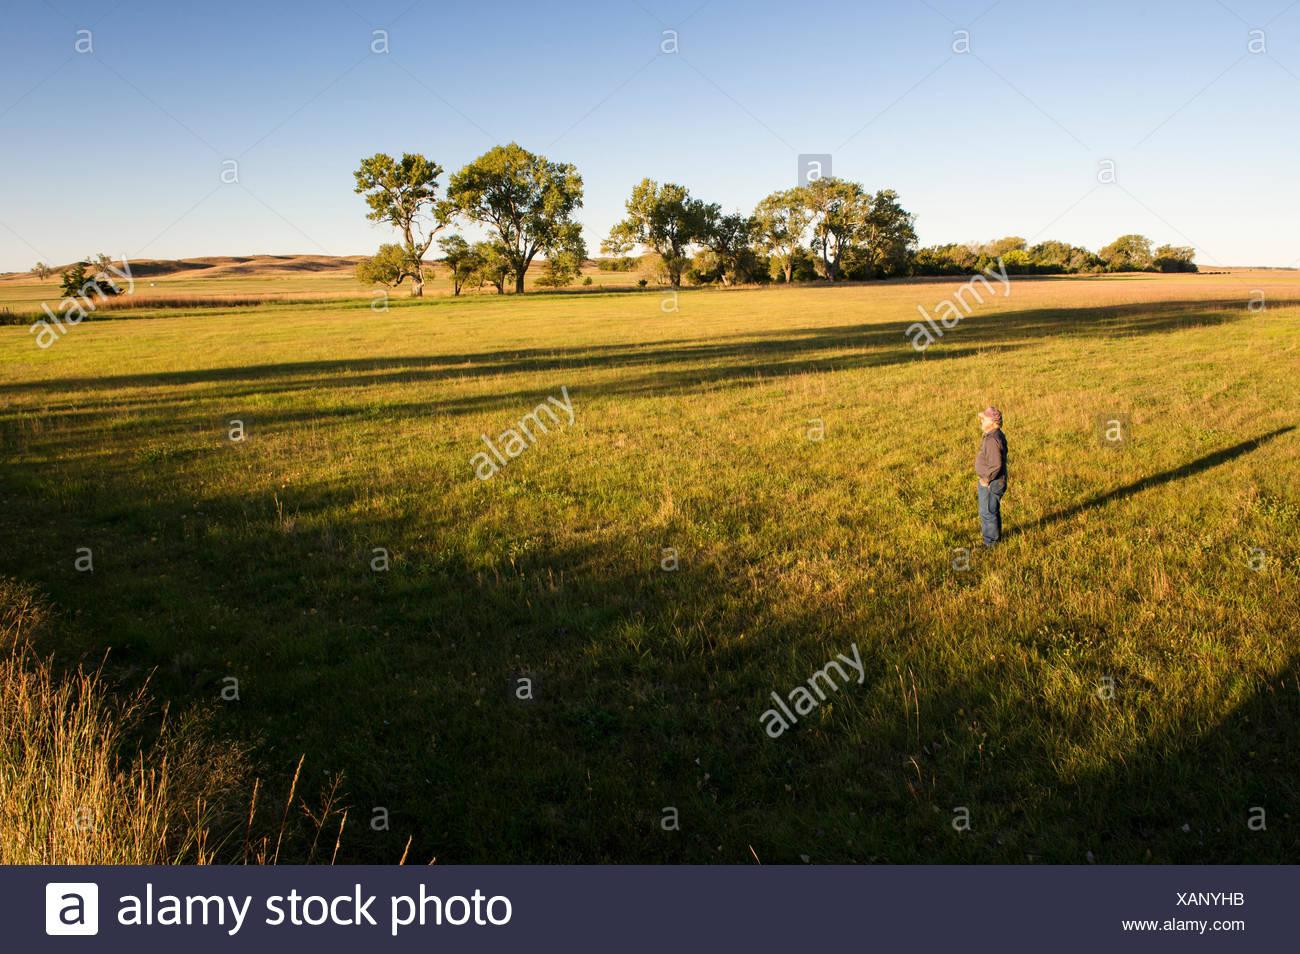 Lynn Ballagh auf seinem Grundstück, wo die vorgeschlagenen NPPD Power Transmission Line die Landschaft verschmutzen würde. Ballagh Rinderfarm im Sandhills von Nebraska, Garfield County, Nebraska, USA. Stockbild